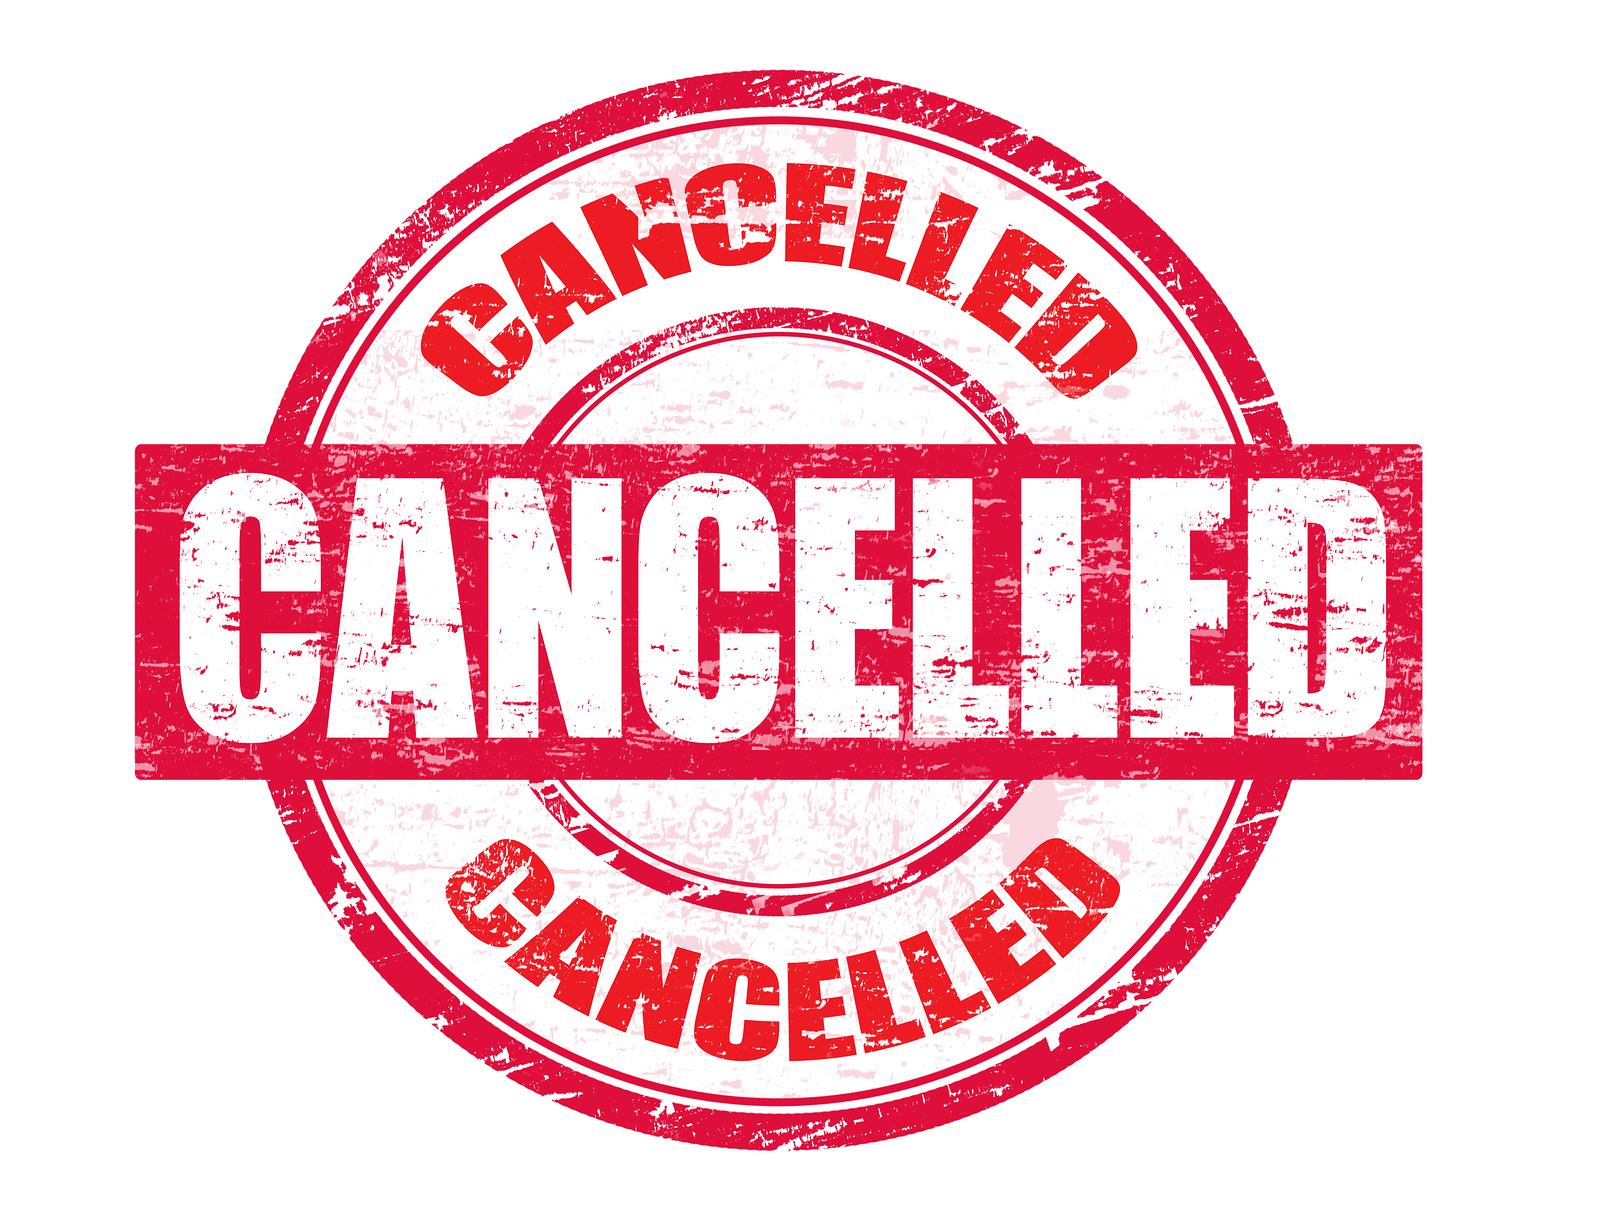 cancellation